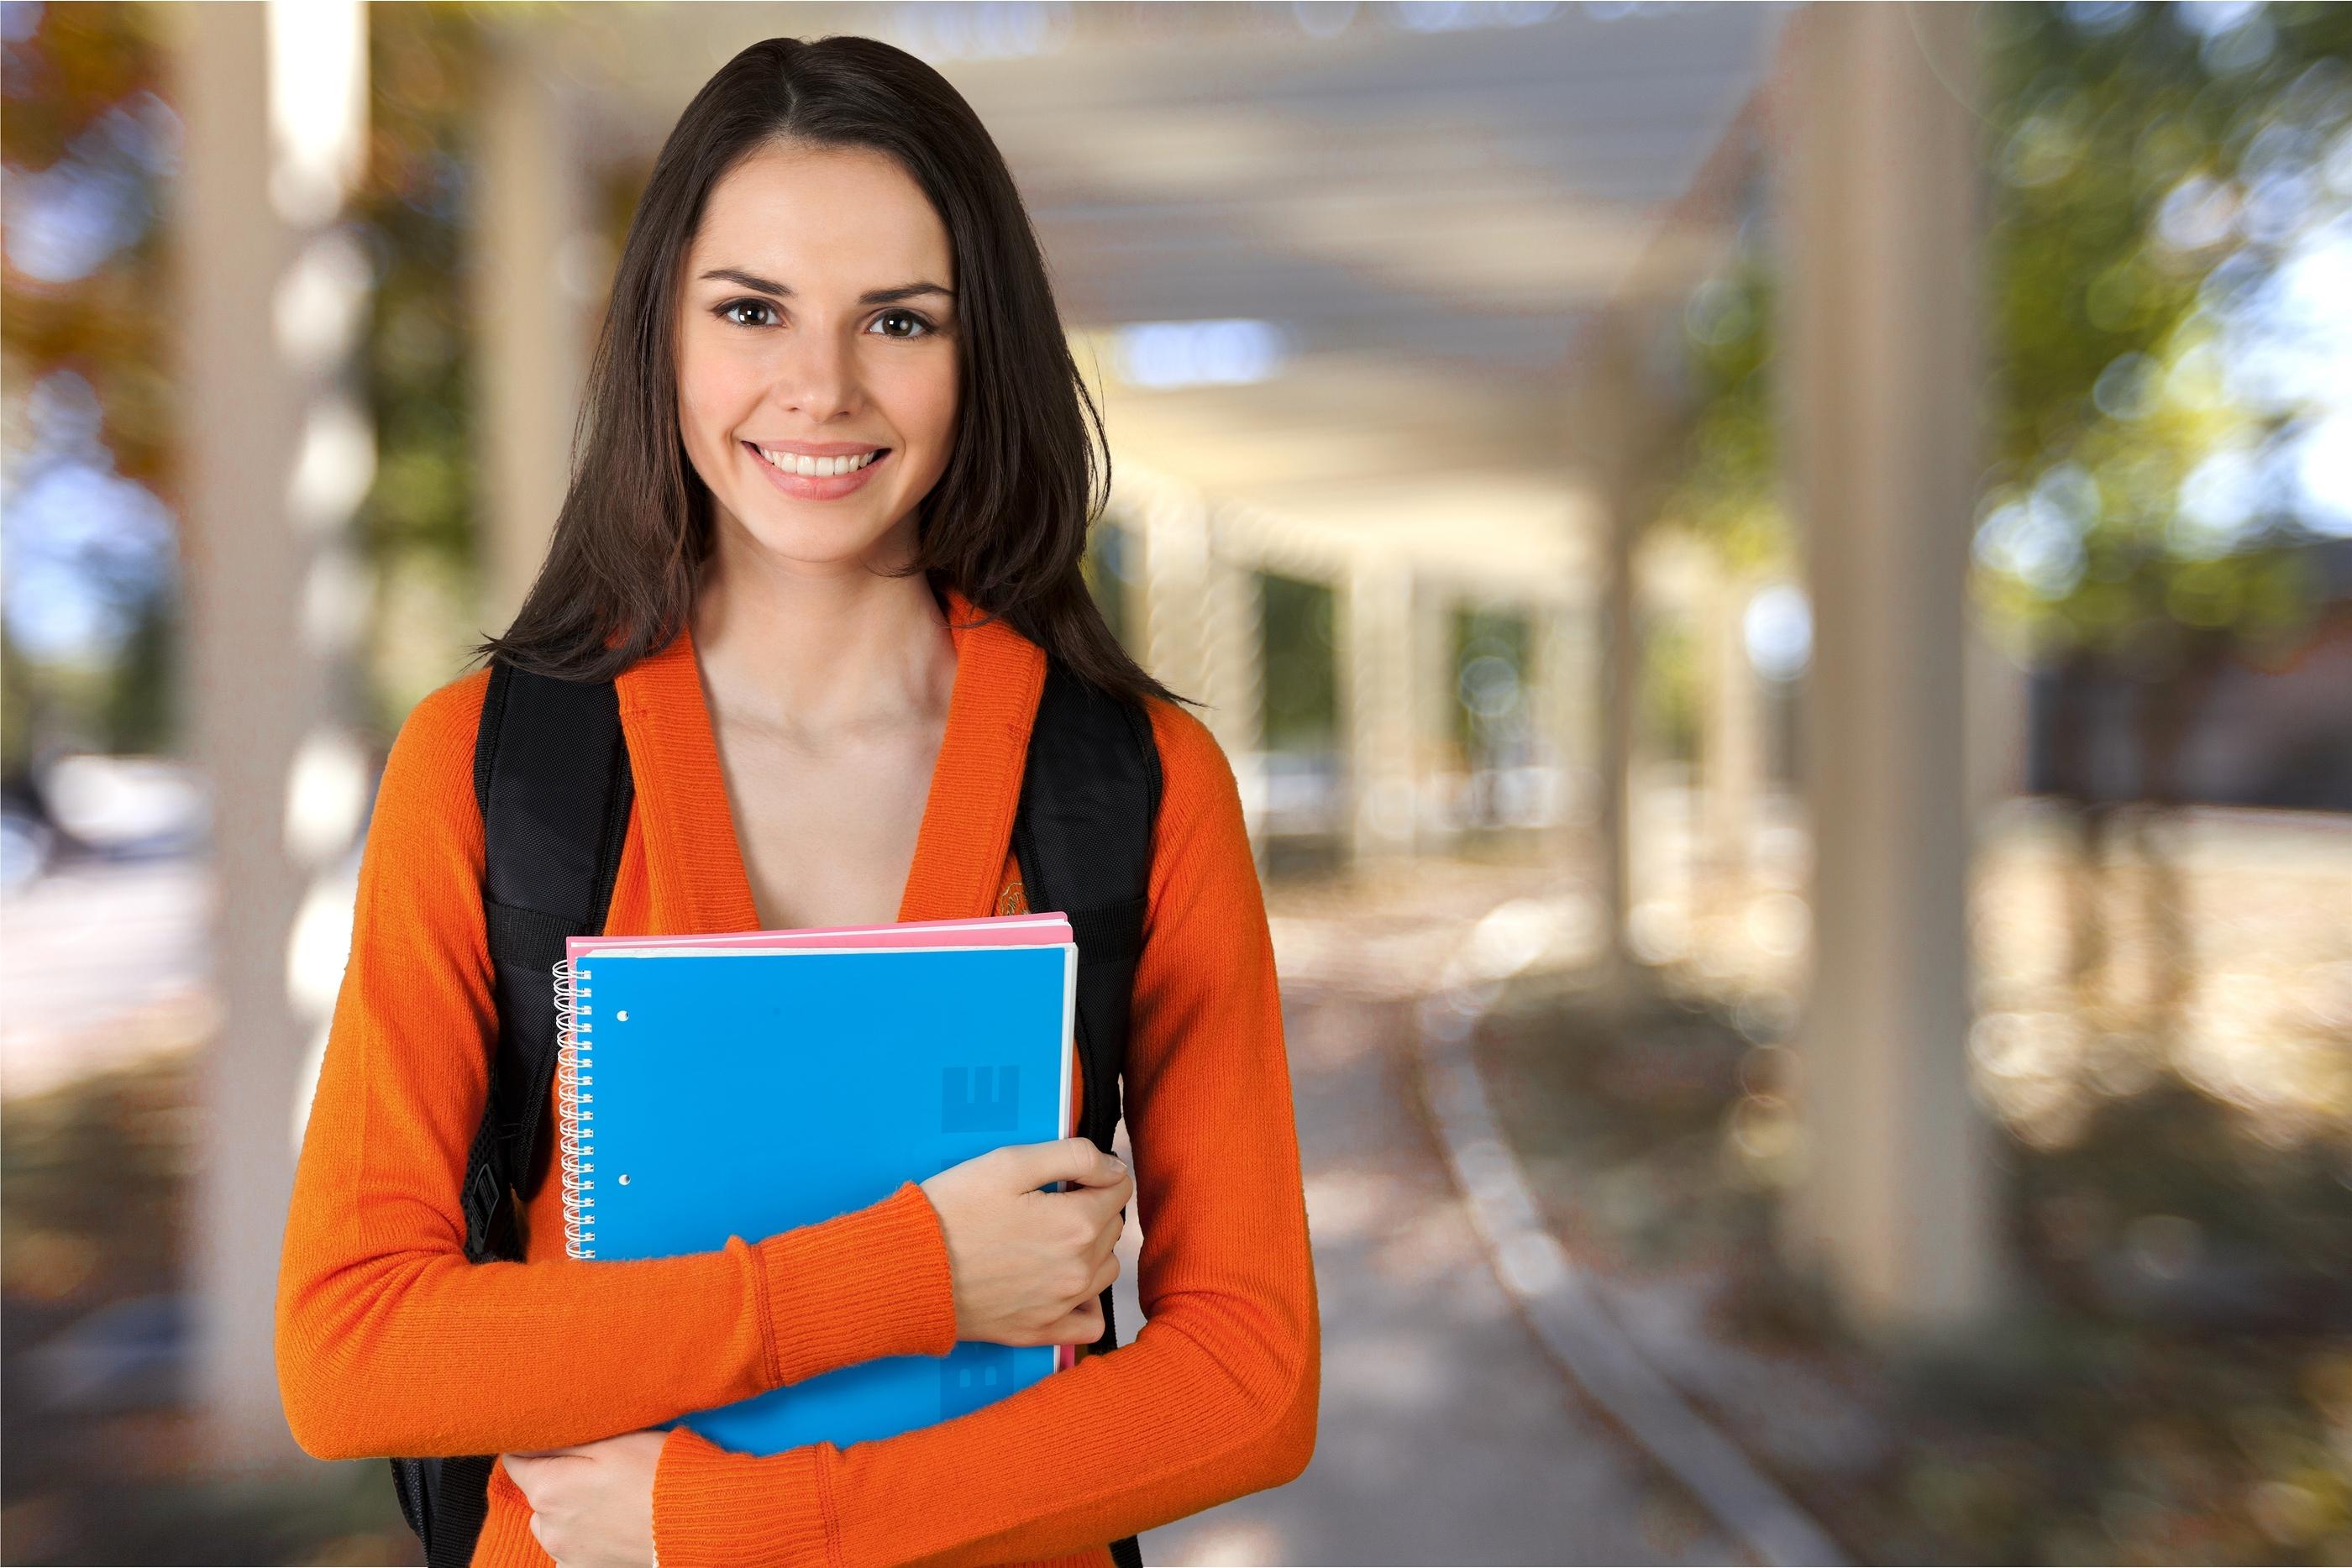 Desafio de Bolsas de Estudos em Inglês - Gratuito